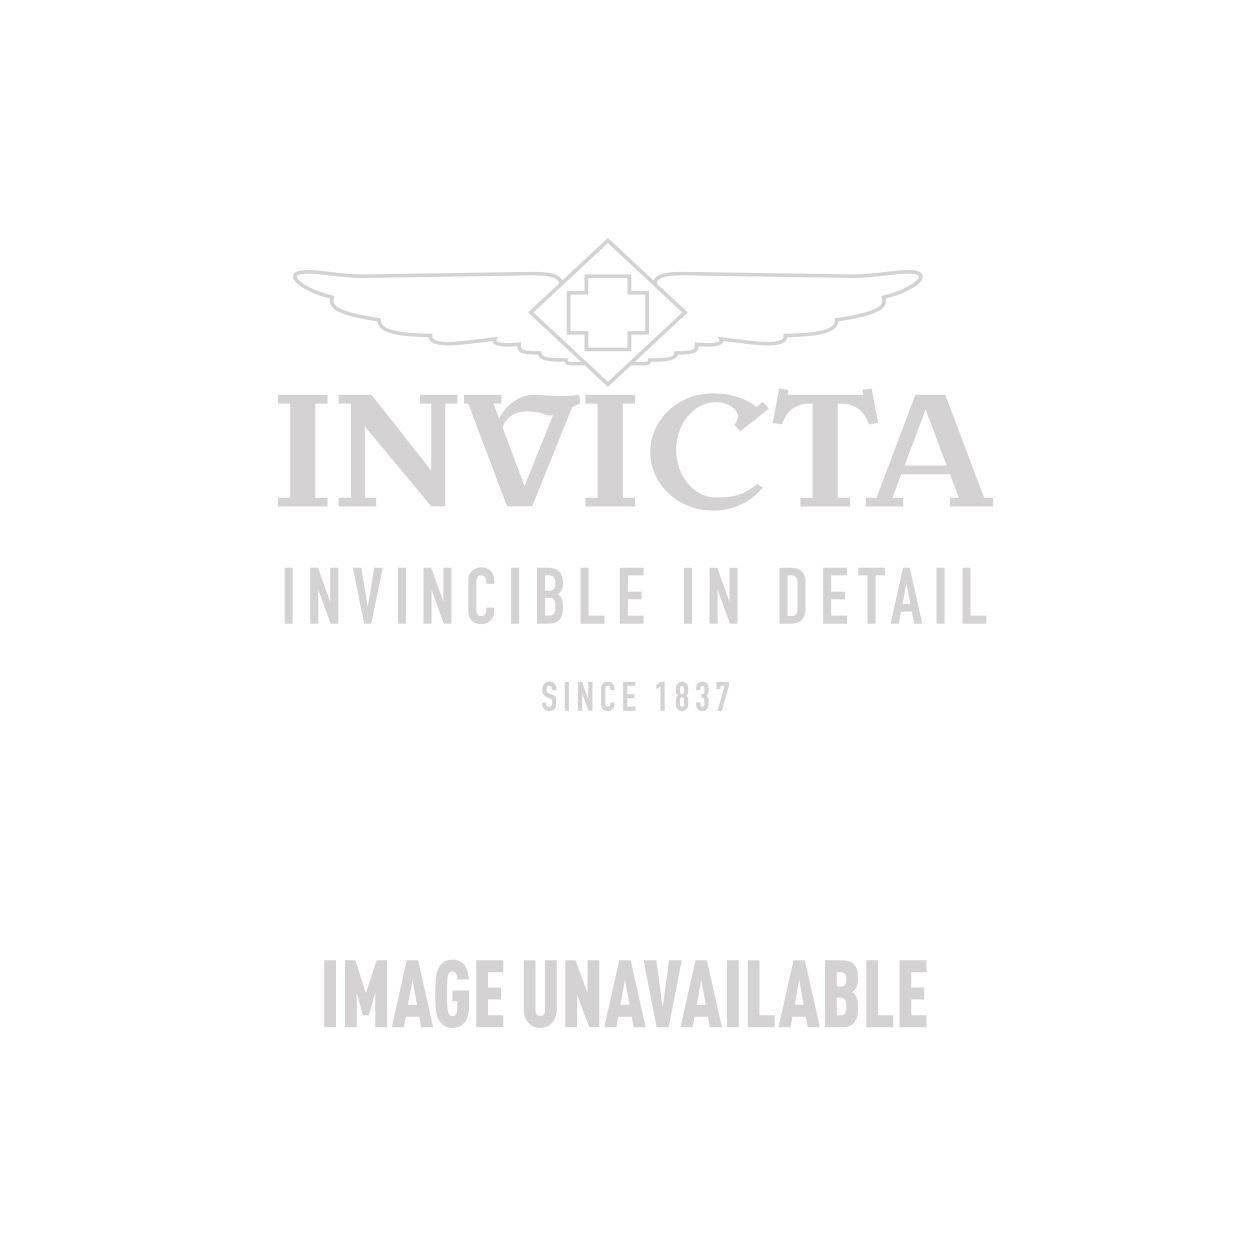 Invicta Model 27493